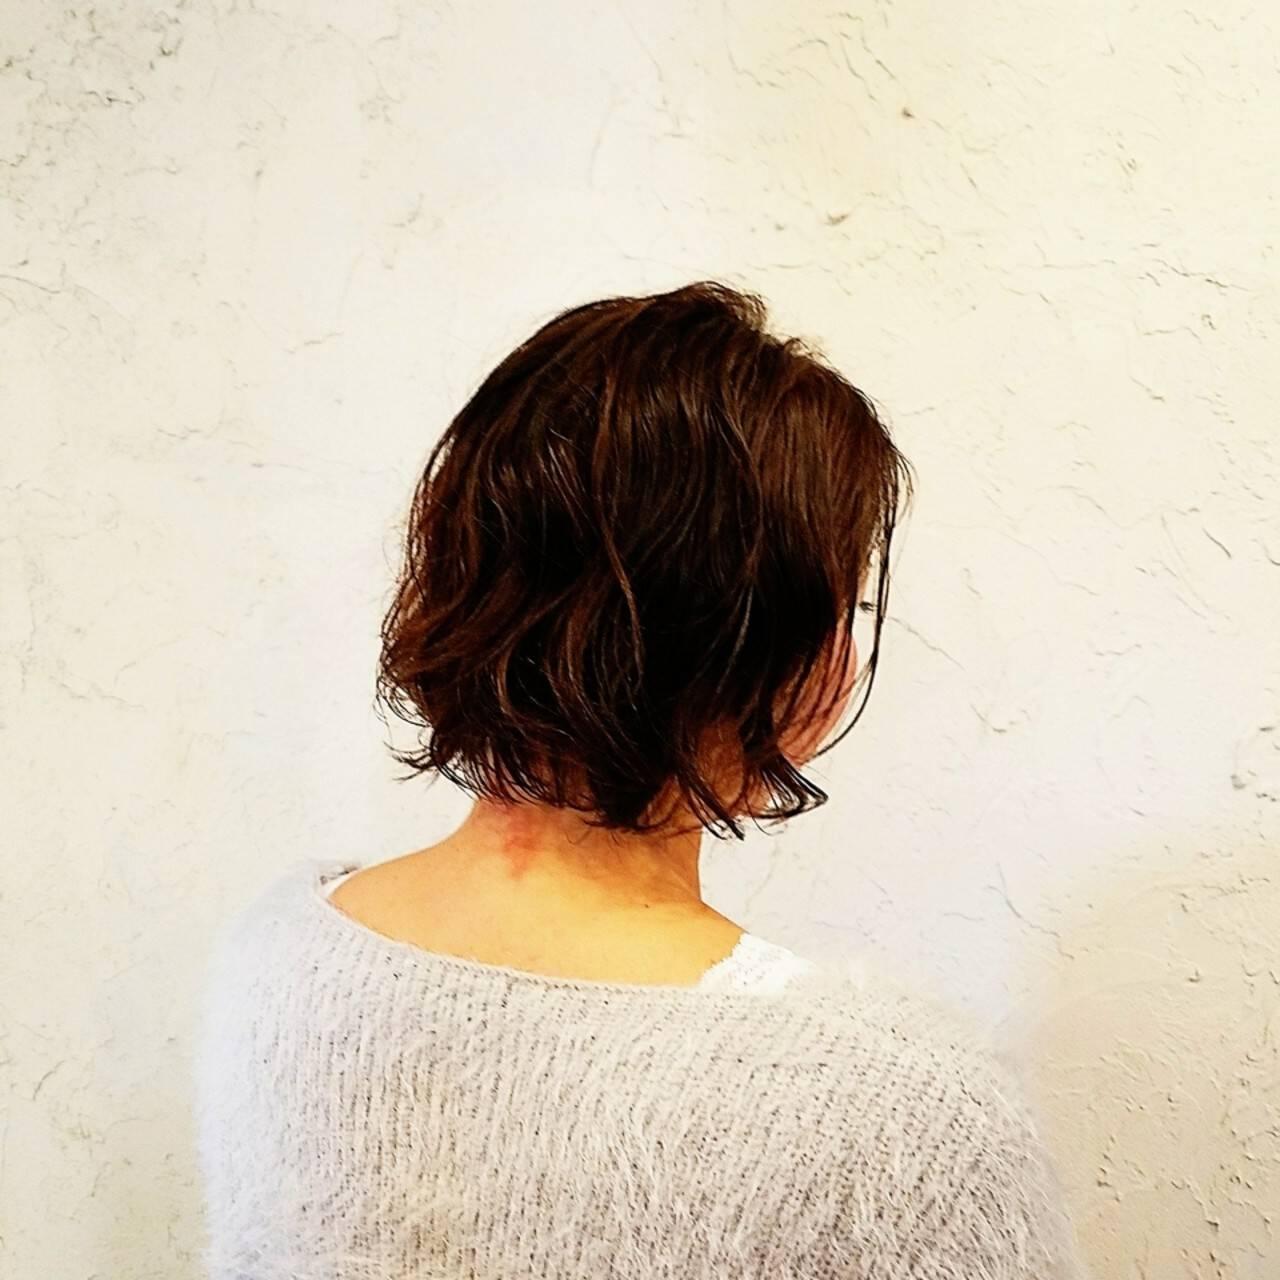 デジタルパーマ ゆるふわ ヘアワックス ボブヘアスタイルや髪型の写真・画像